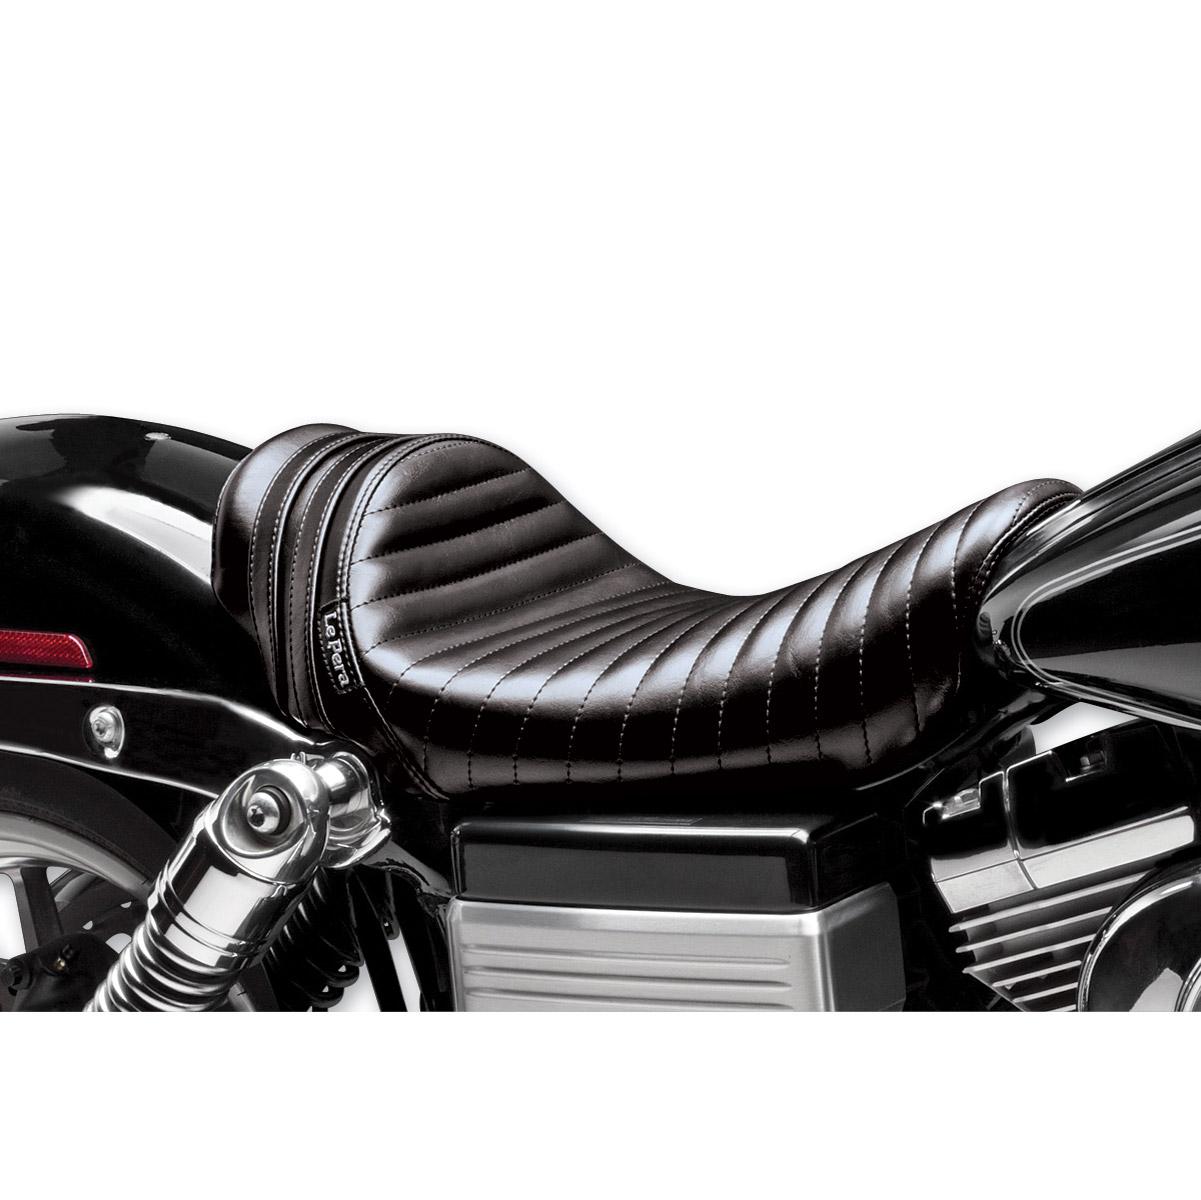 Le Pera Stubs Spoiler Seat - Black Stripes